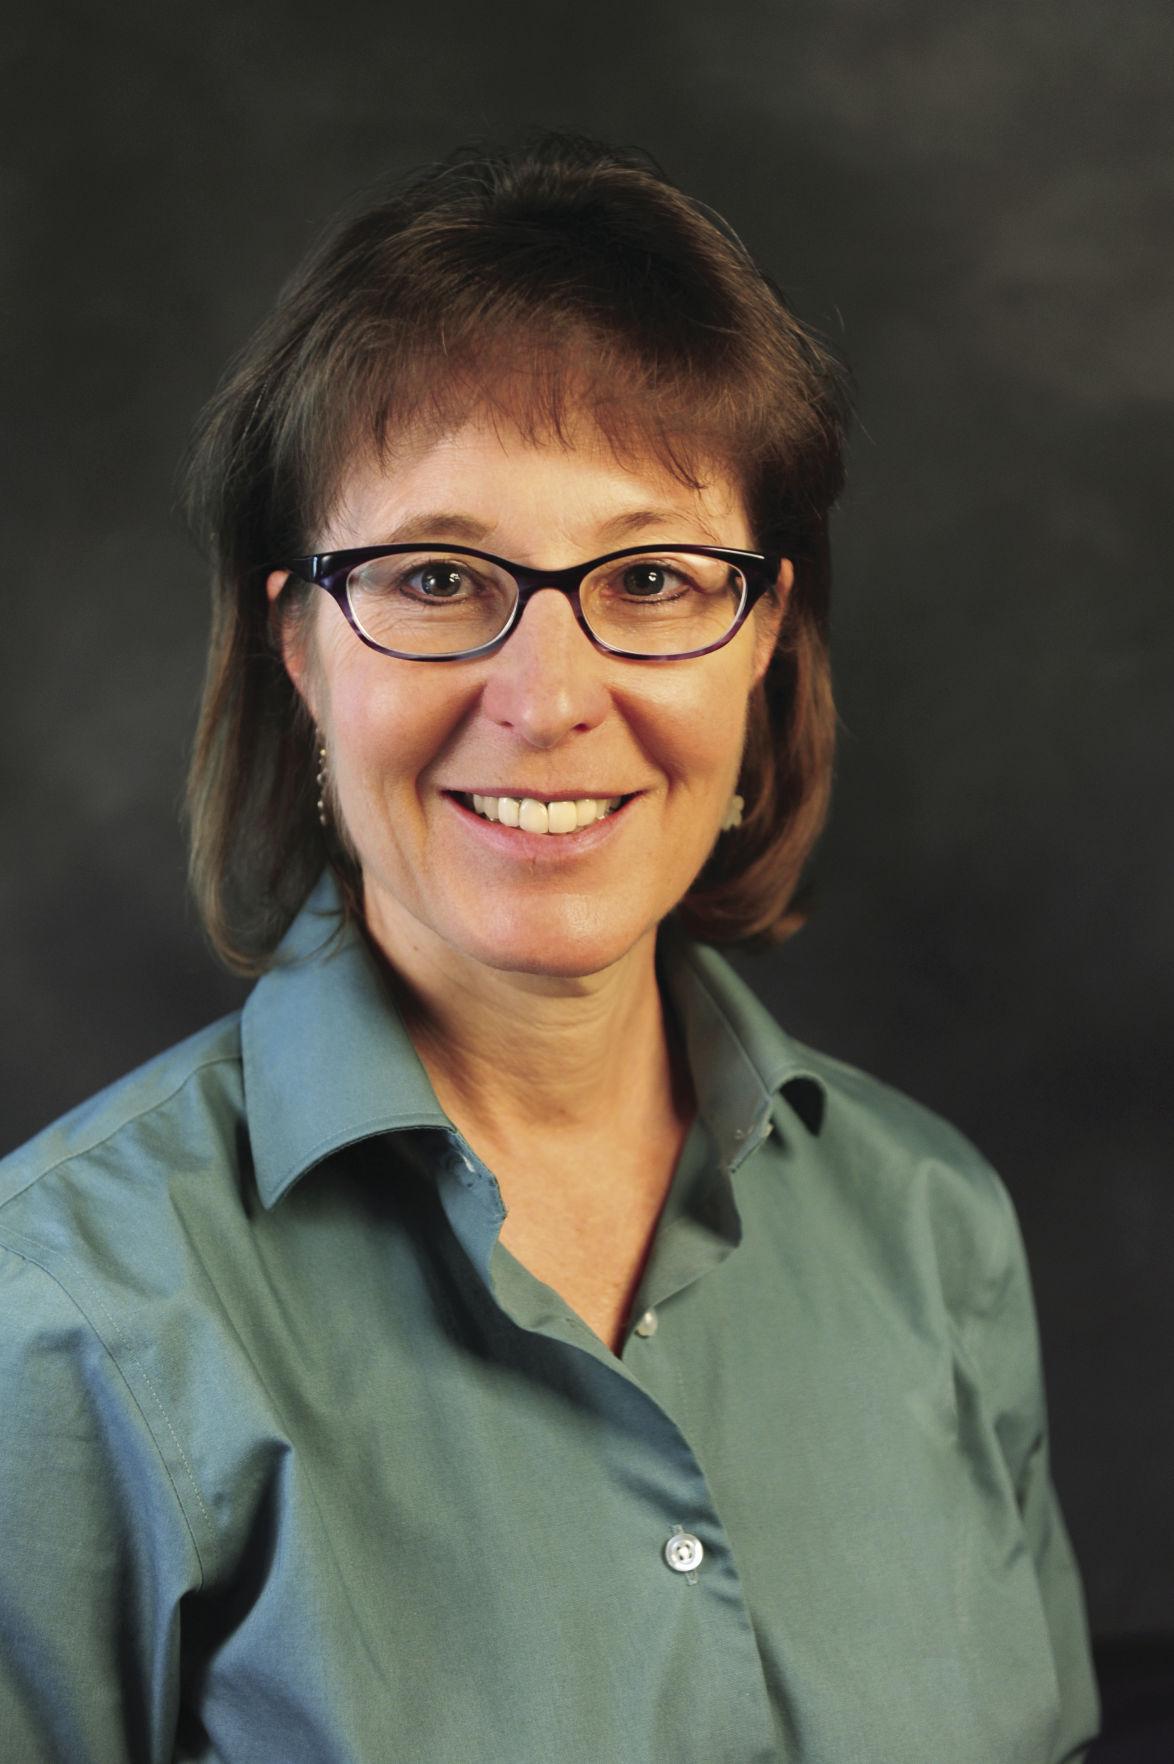 Rhonda Safford